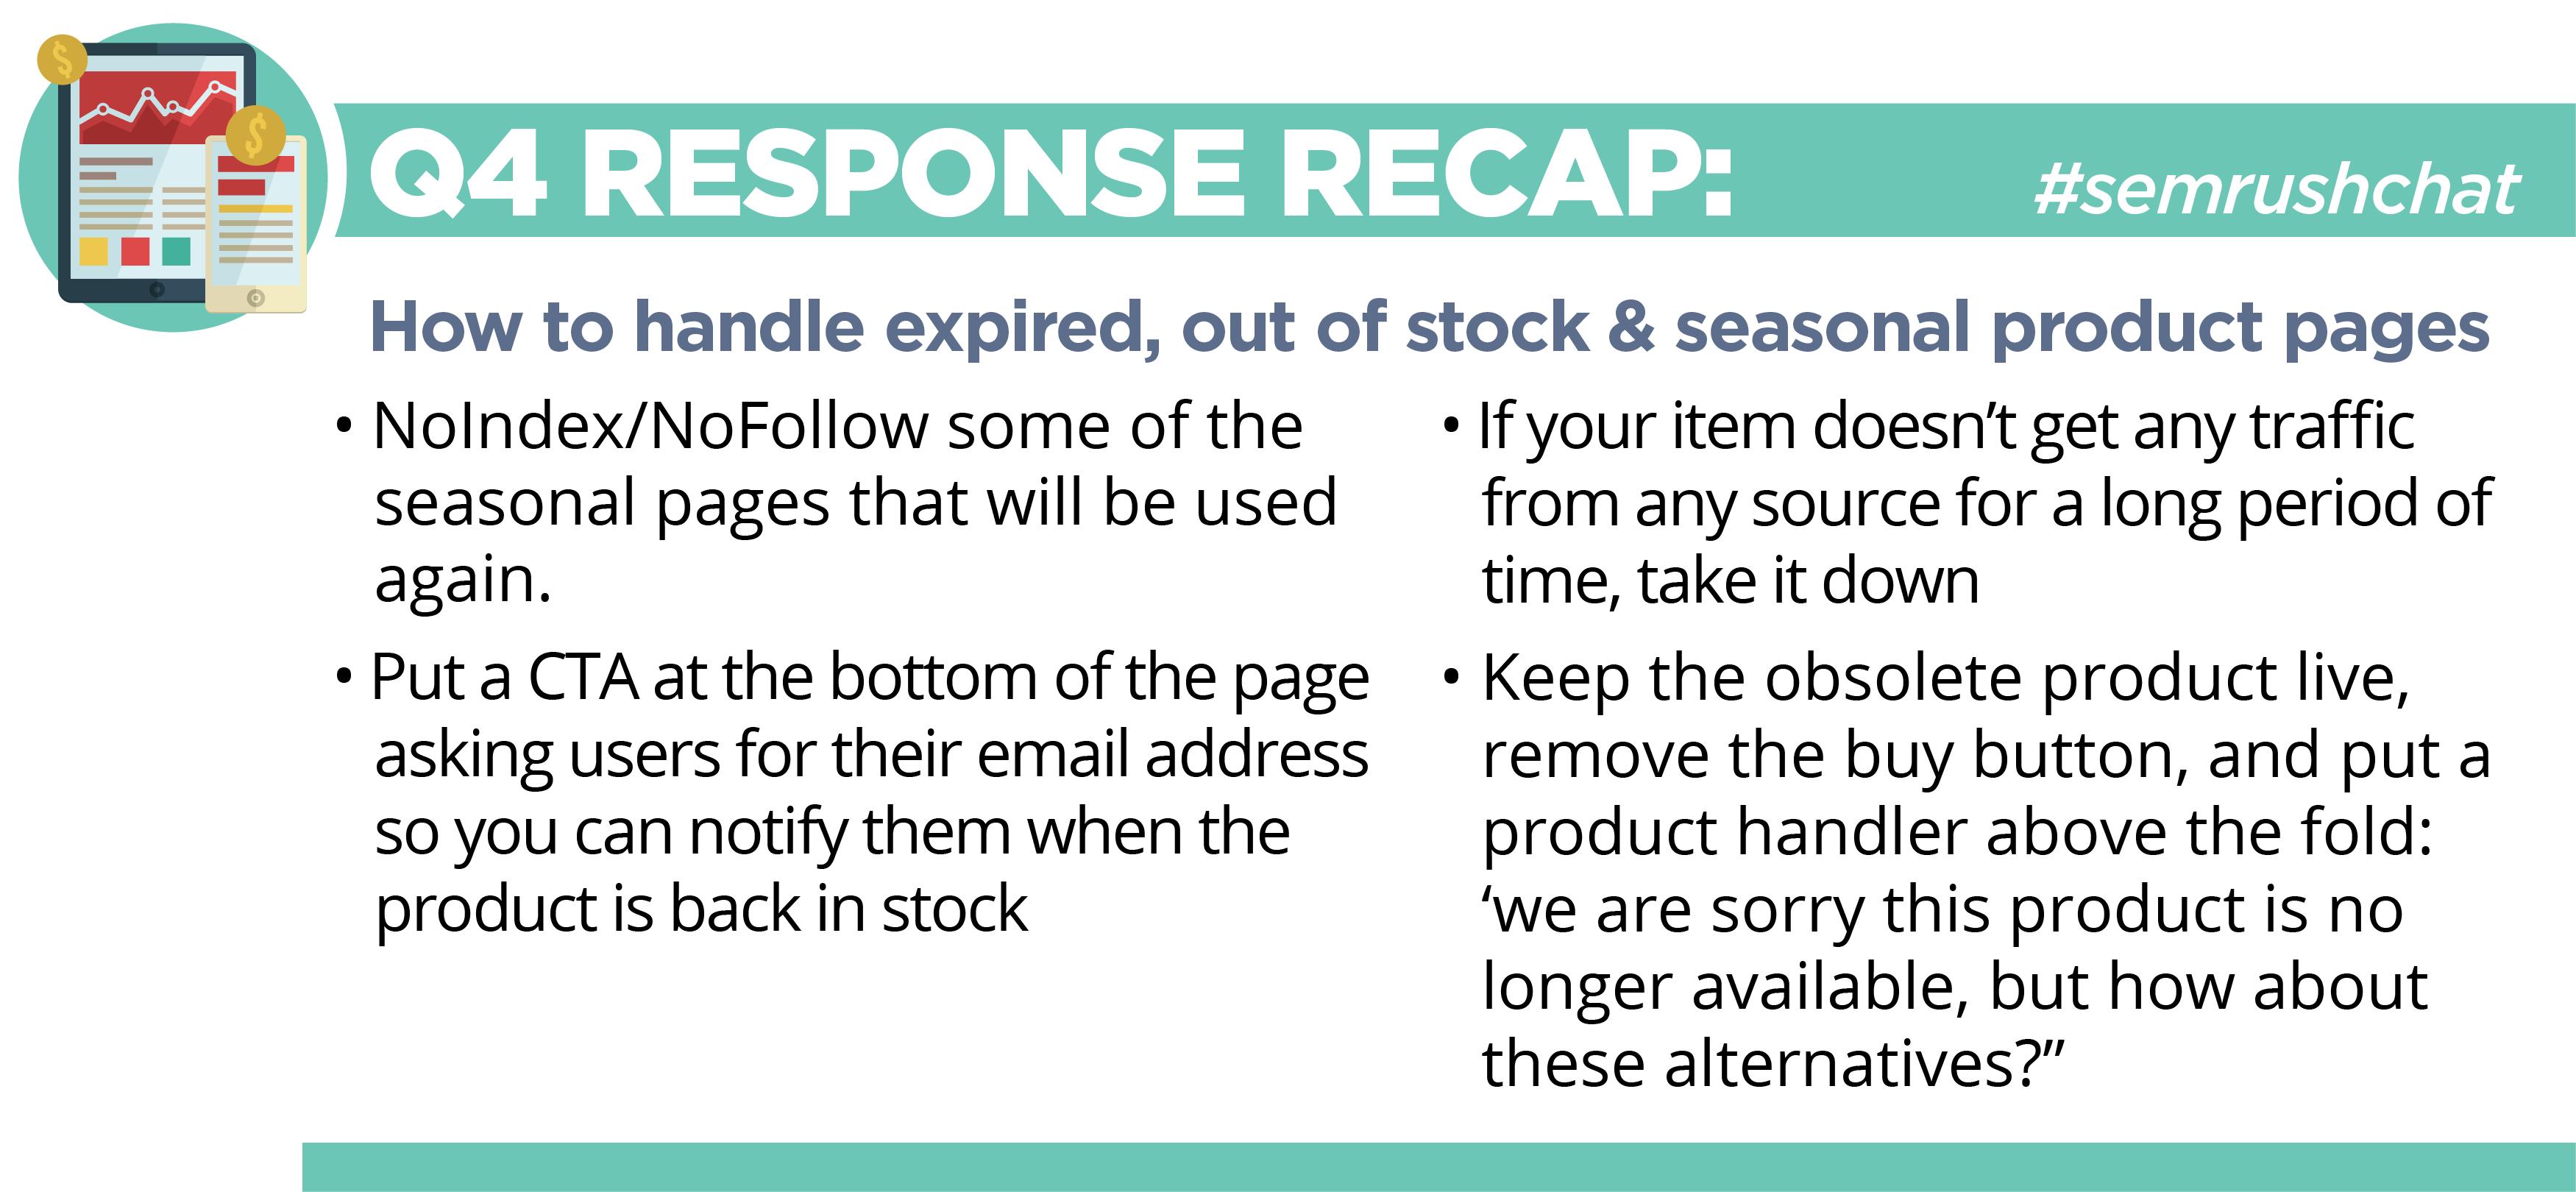 chat-recap-q4-response-recap.png